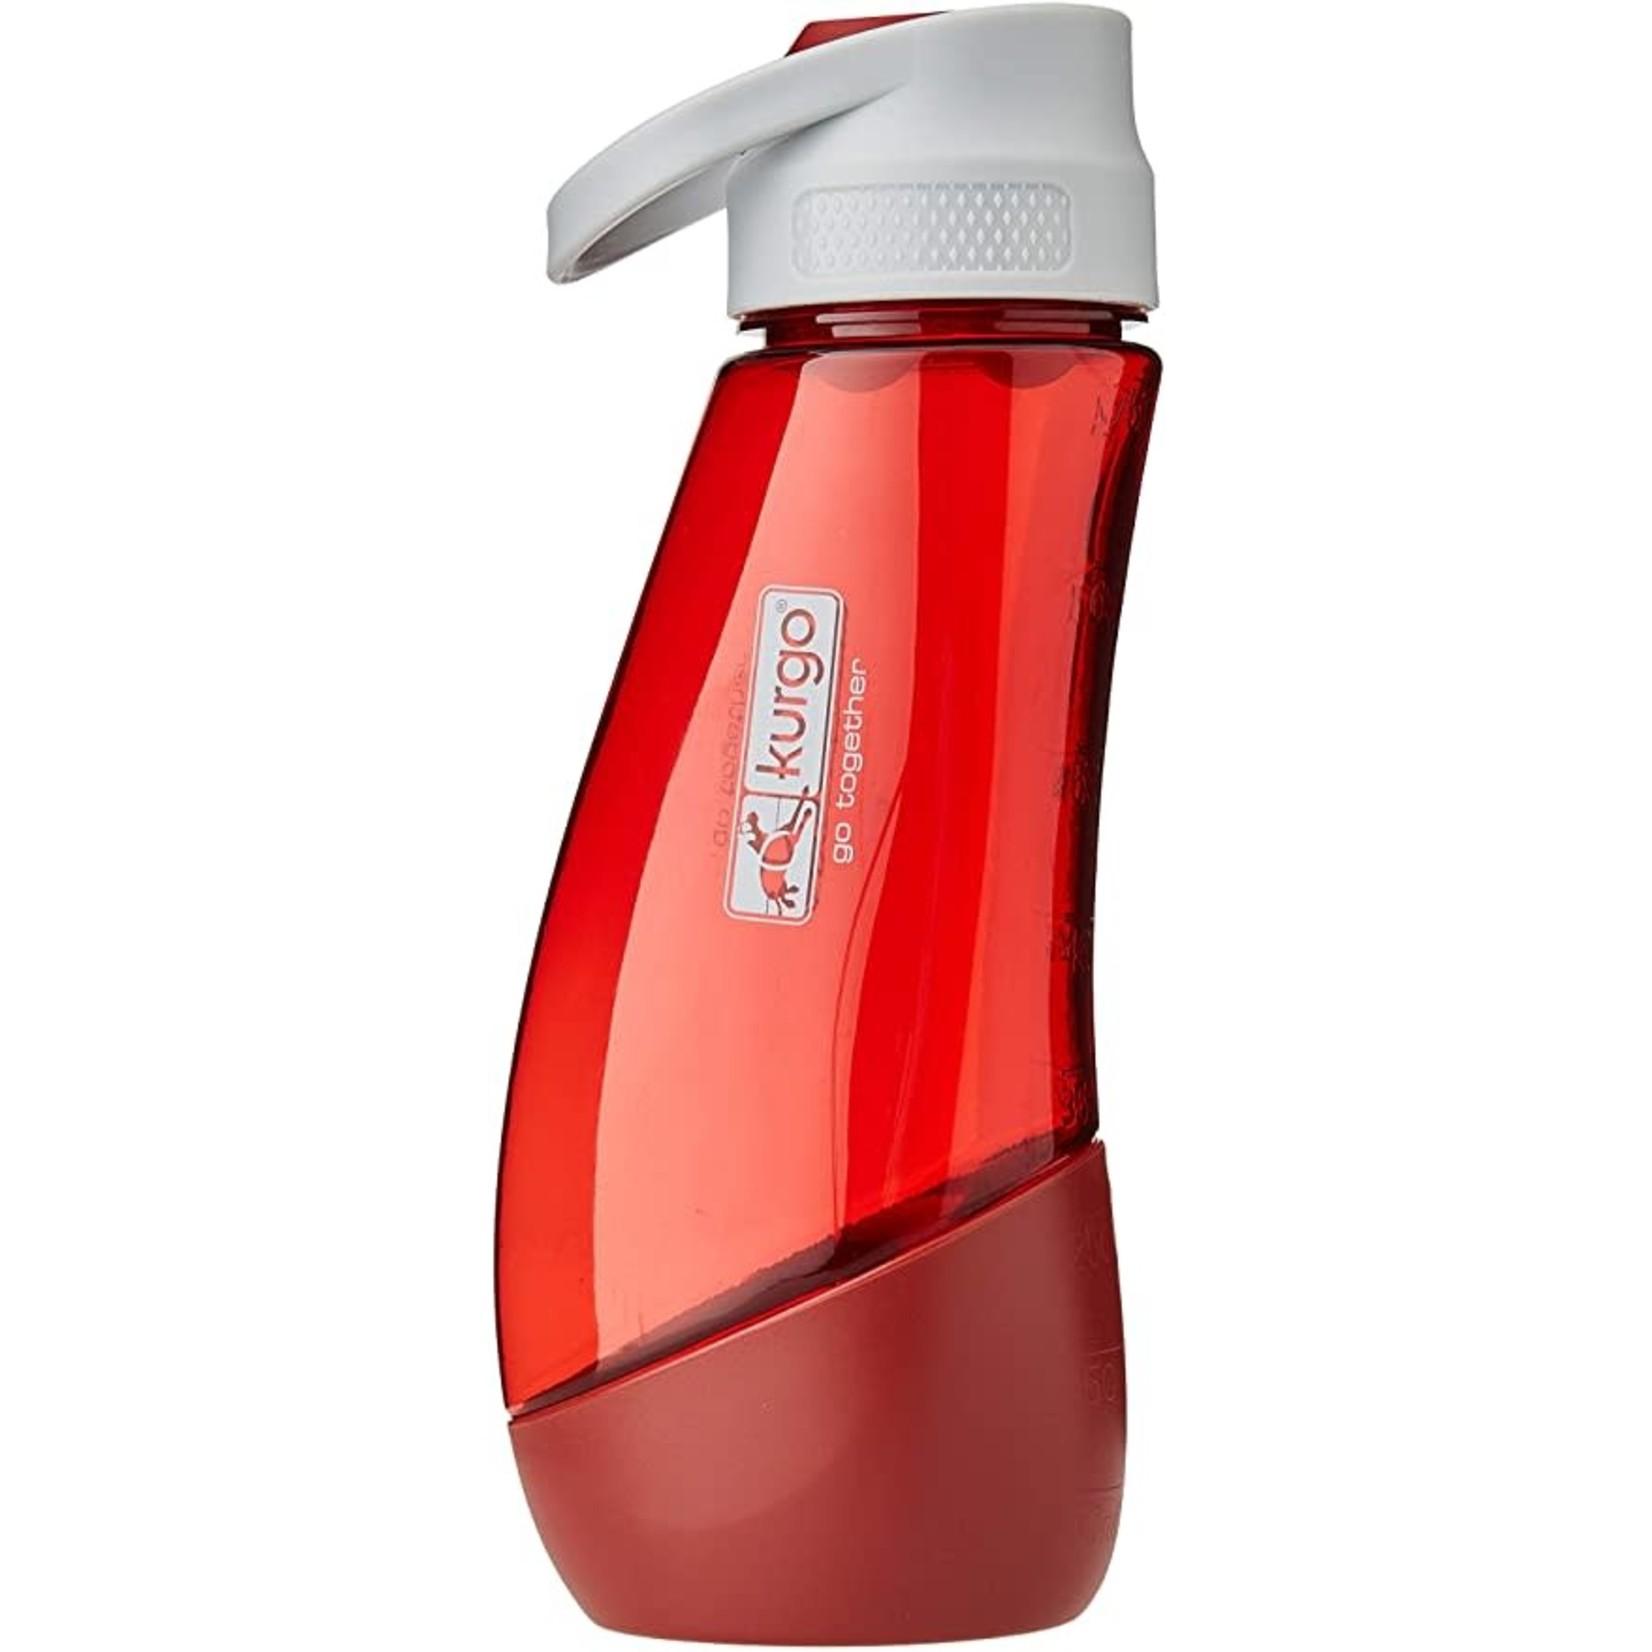 Kurgo Kurgo Water Bottle and Bowl Red